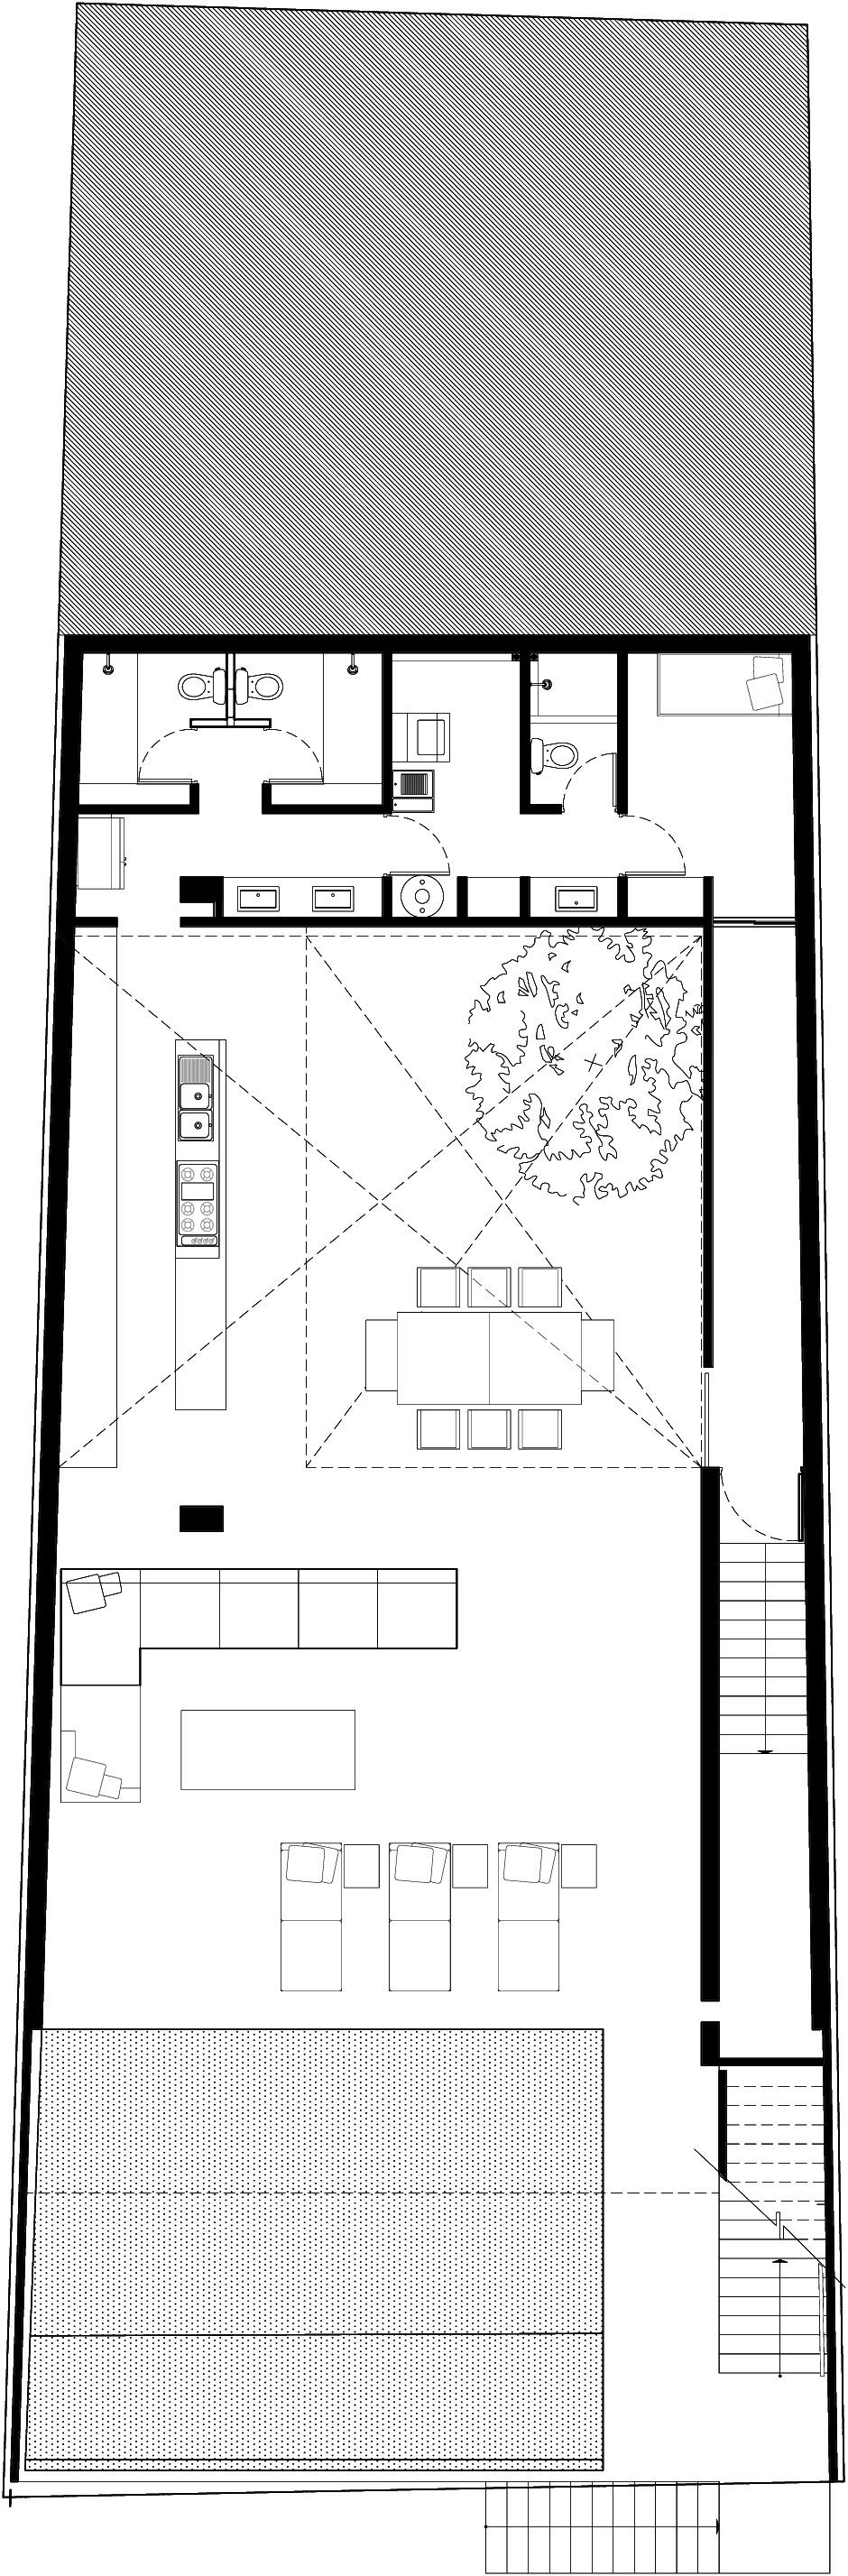 El 22 js tecno haus for Arquitectura de interiores upm